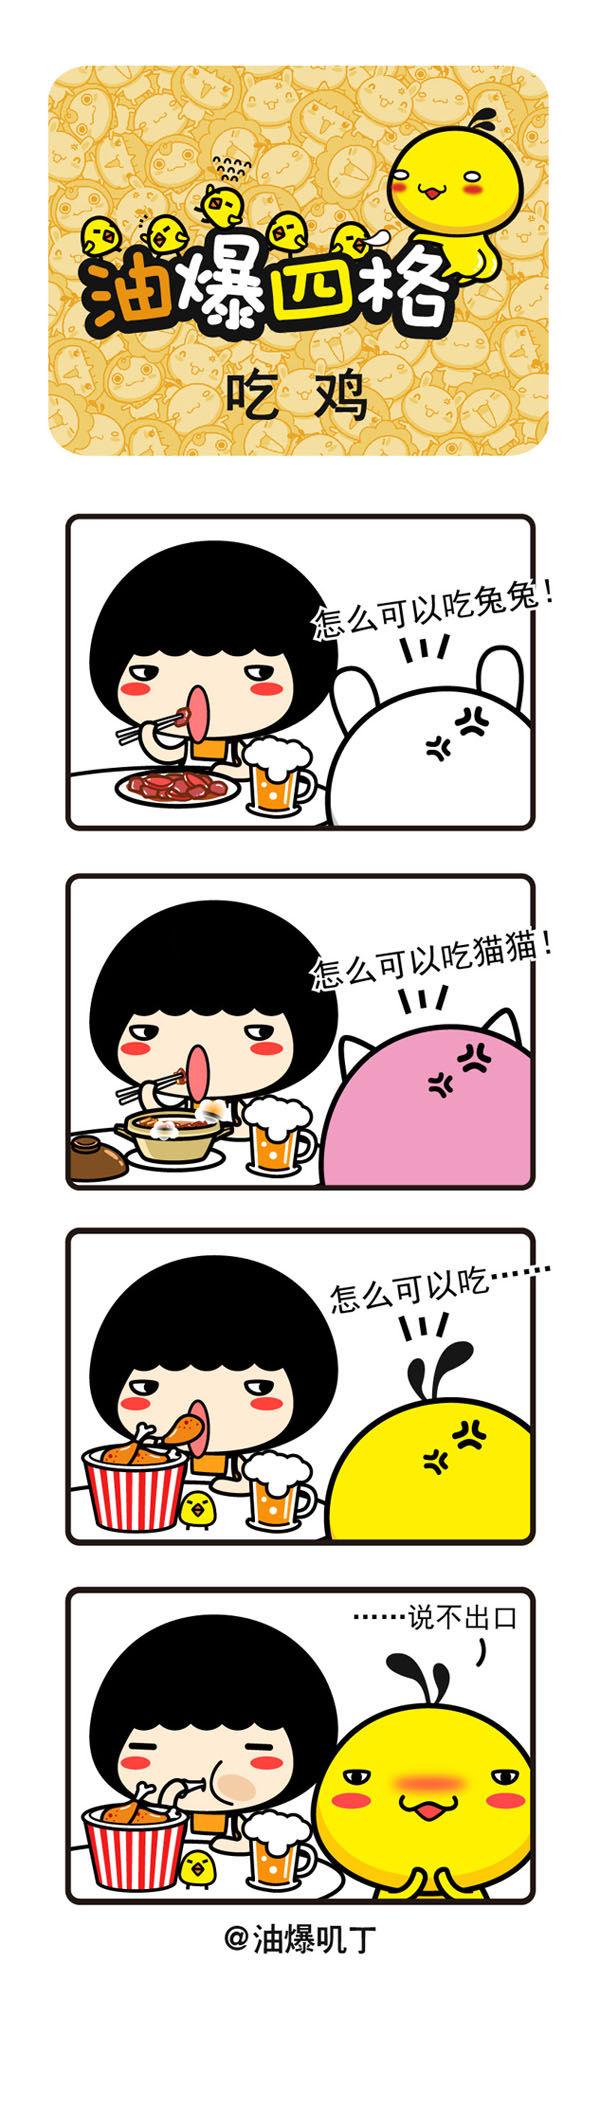 吃鸡.jpg